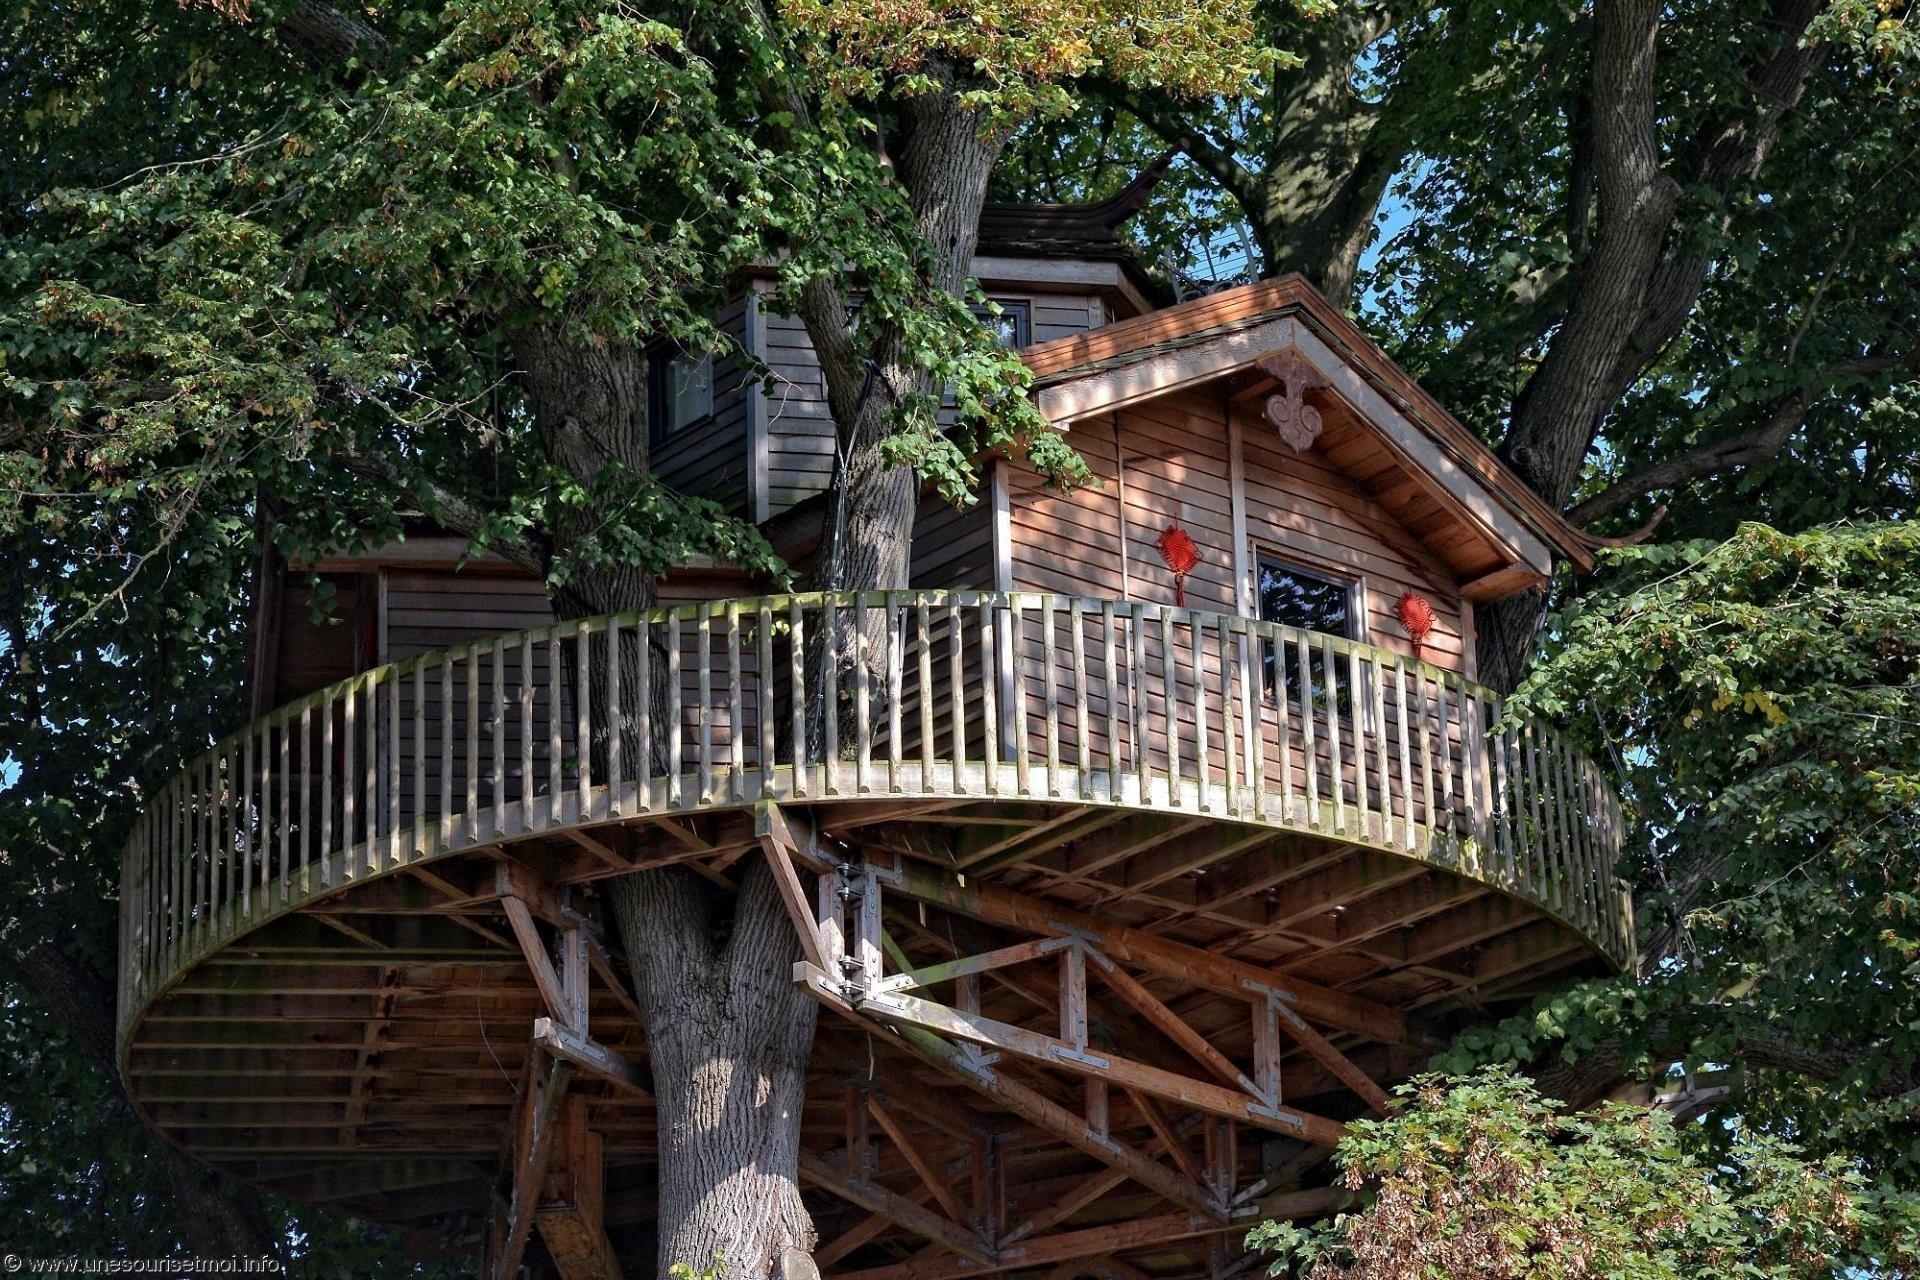 une-cabane-dans-les-arbres-photo-de-la-chine_2